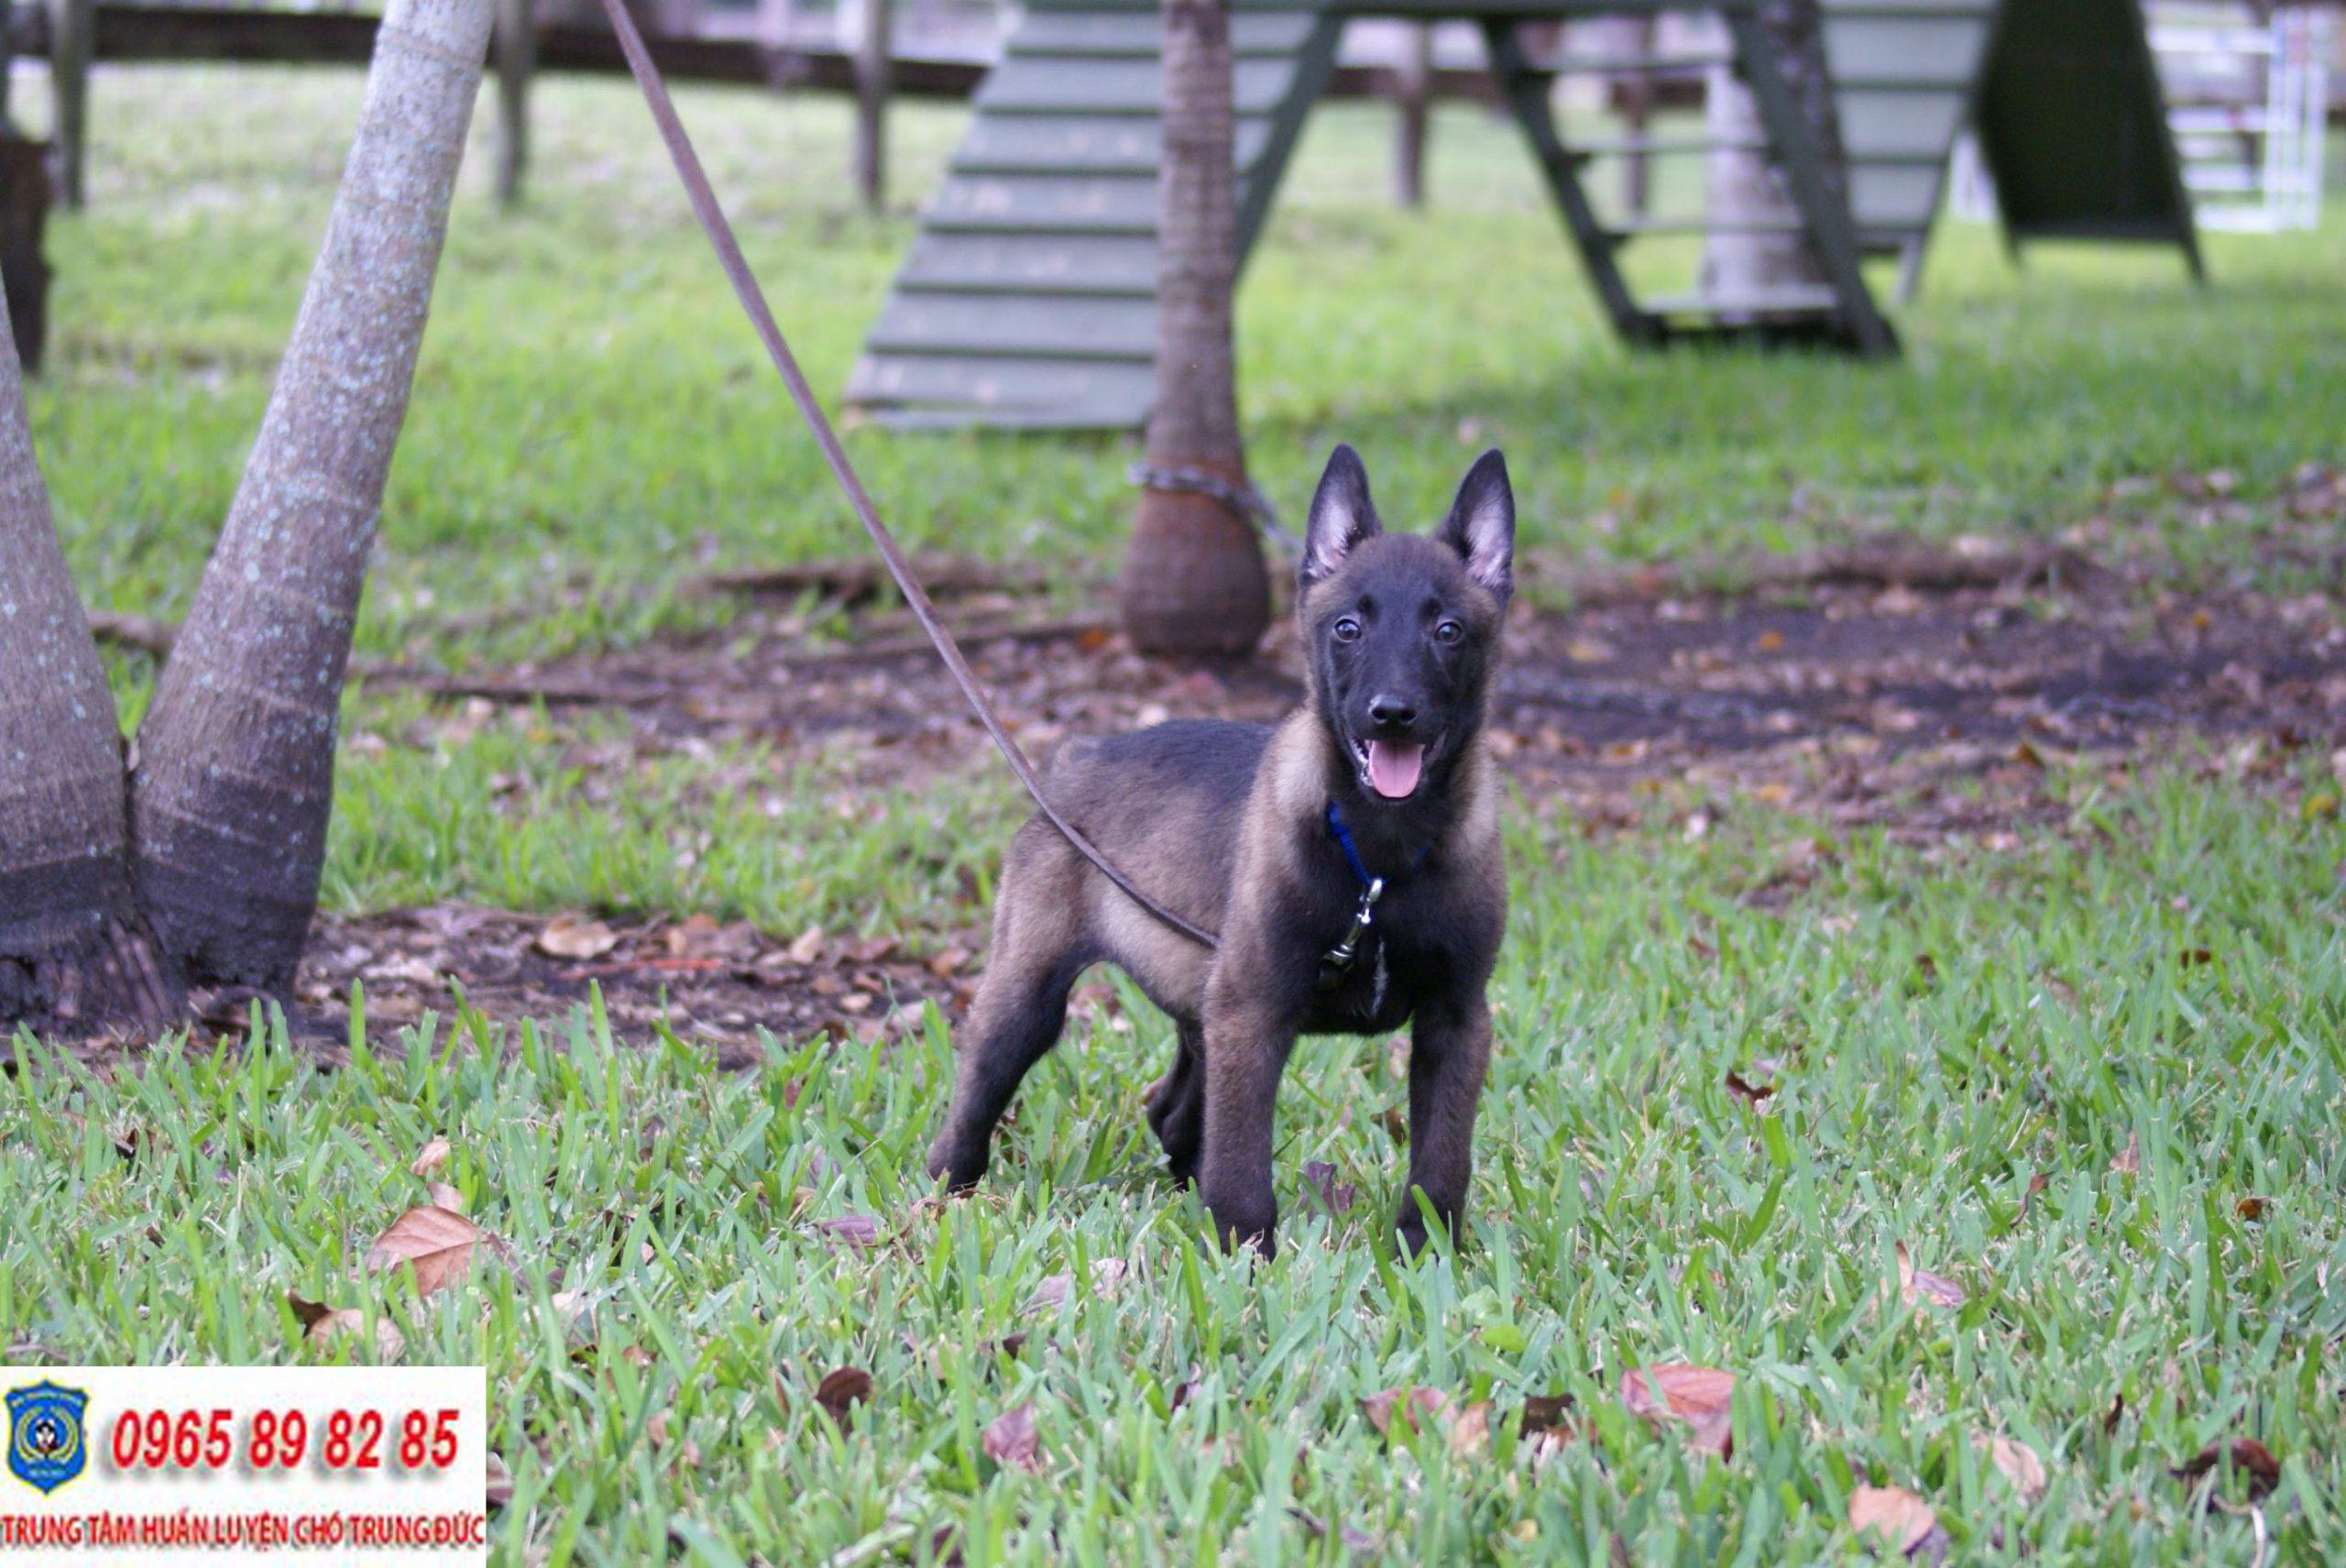 Trung tâm huấn luyện chó Quận 9